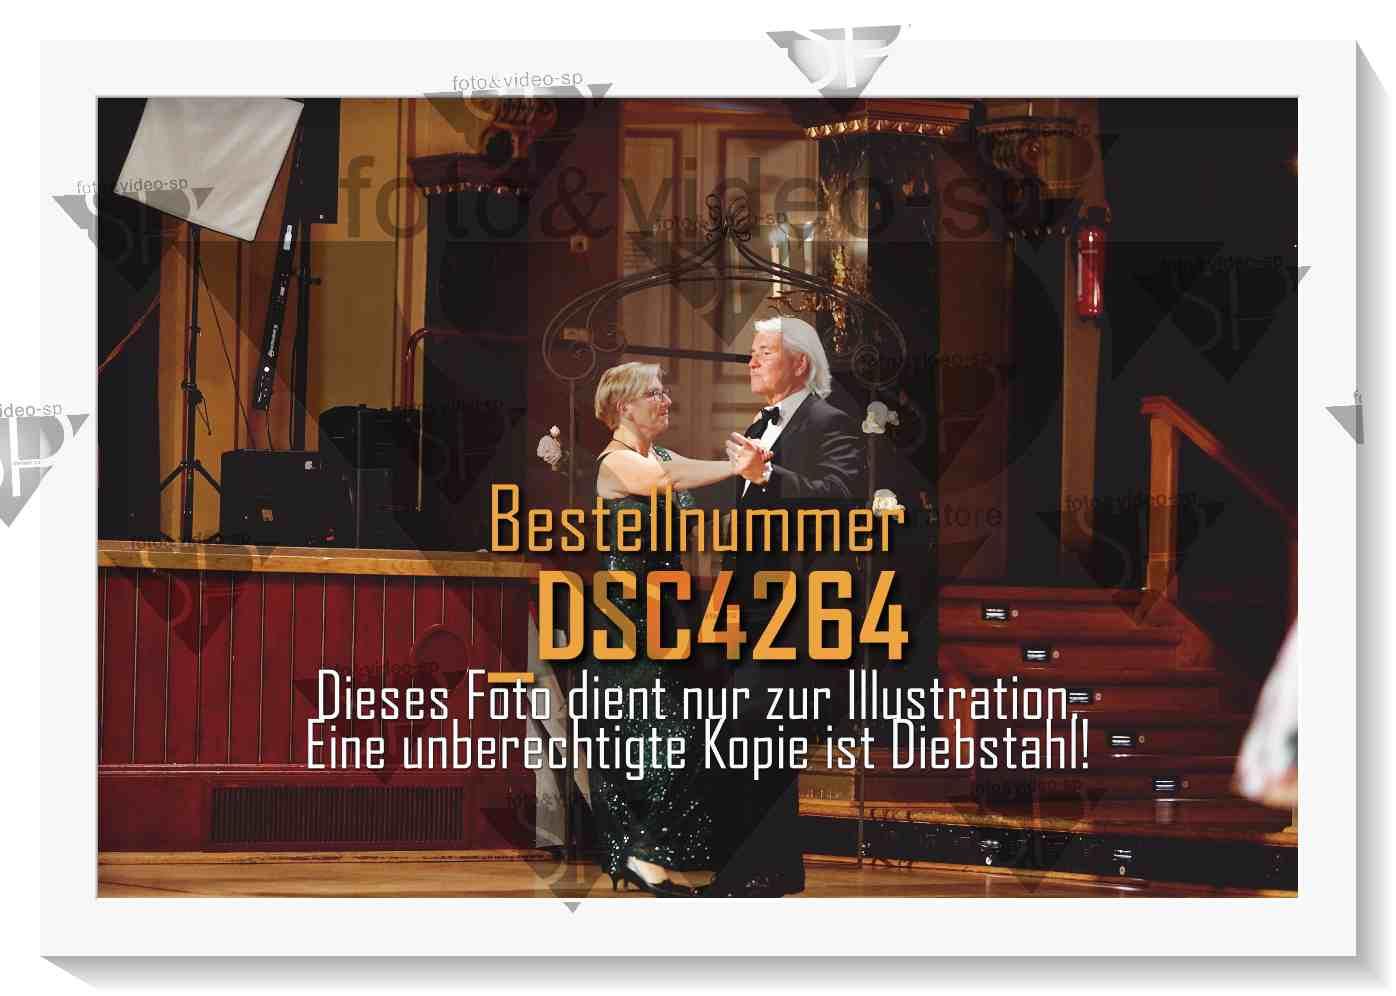 DSC4264